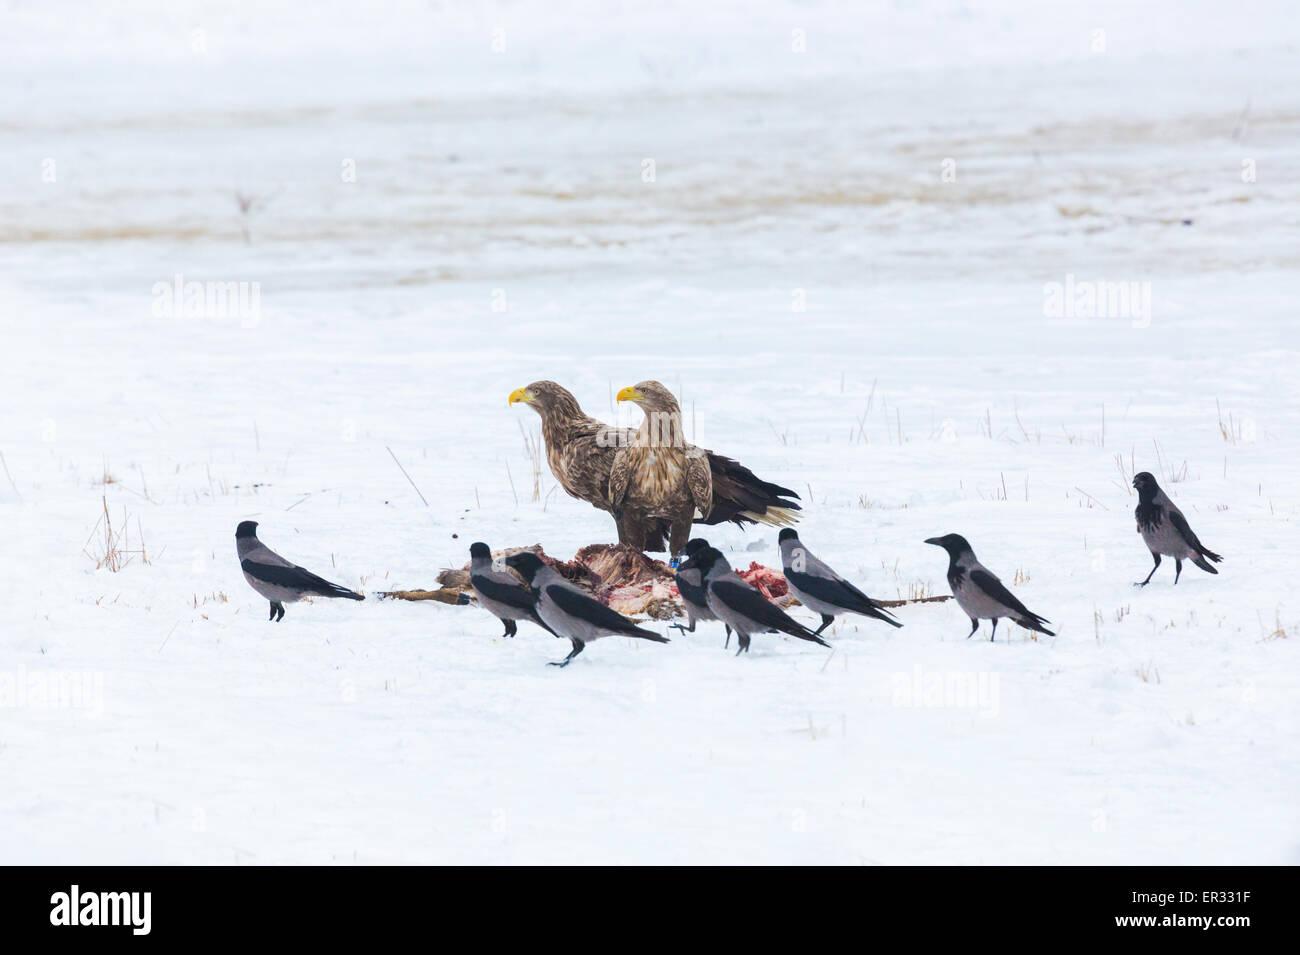 Zwei Erwachsene Seeadler, Haliaeetus Horste mit Beute und Nebelkrähen herumlaufen Stockbild